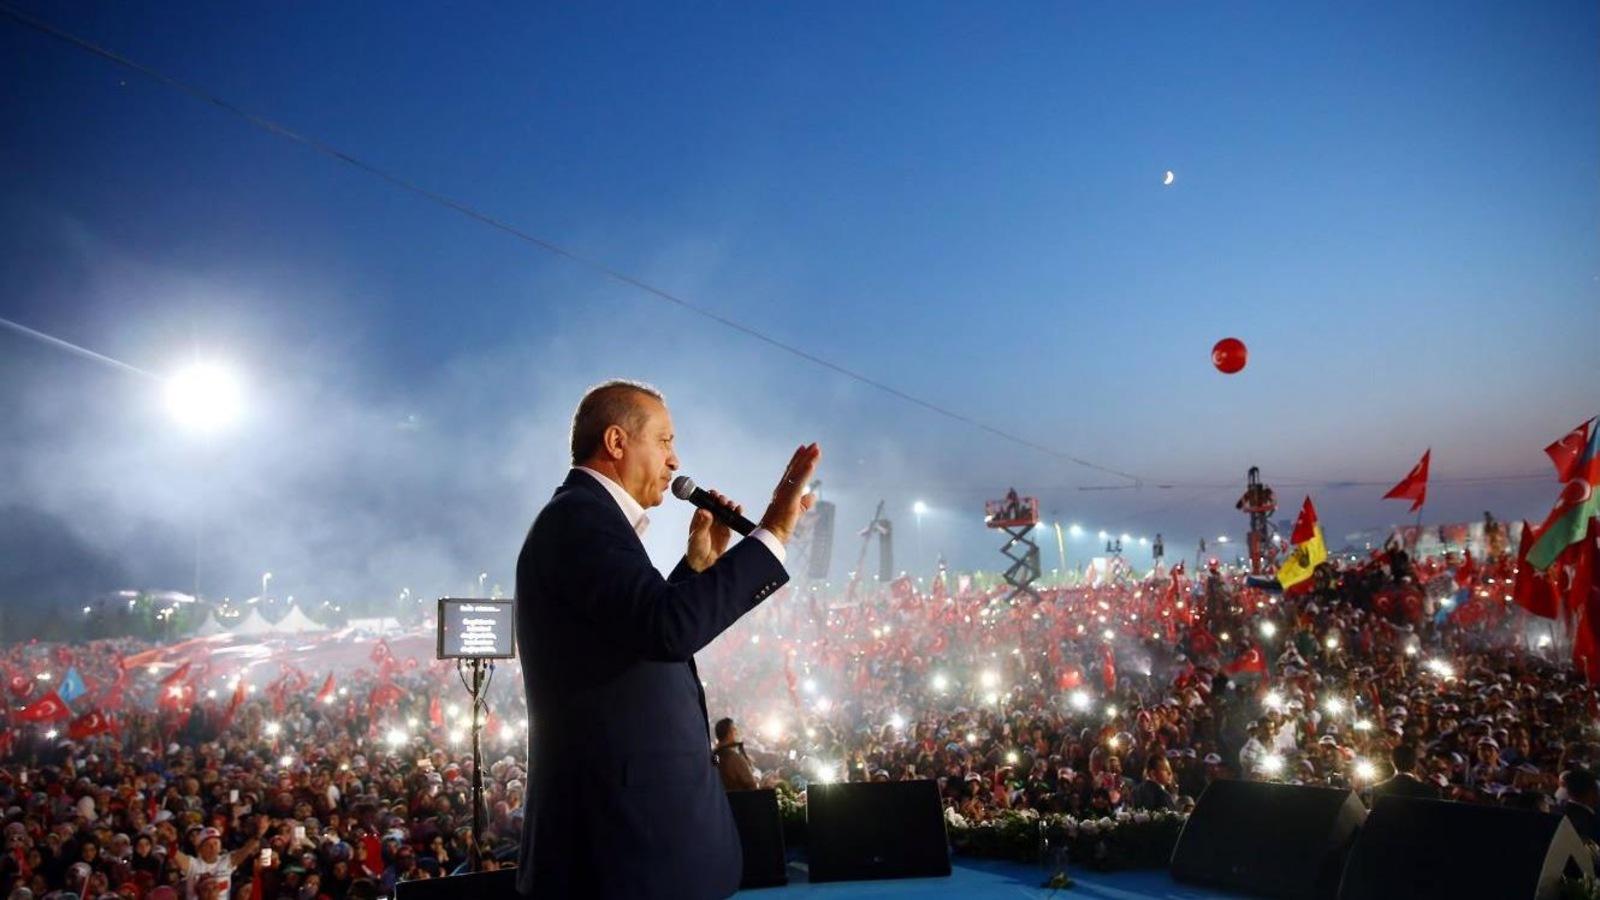 Recep Tayyip Erdogan regarde au loin, un micro dans la main gauche, la main droite levée pour saluer la foule.